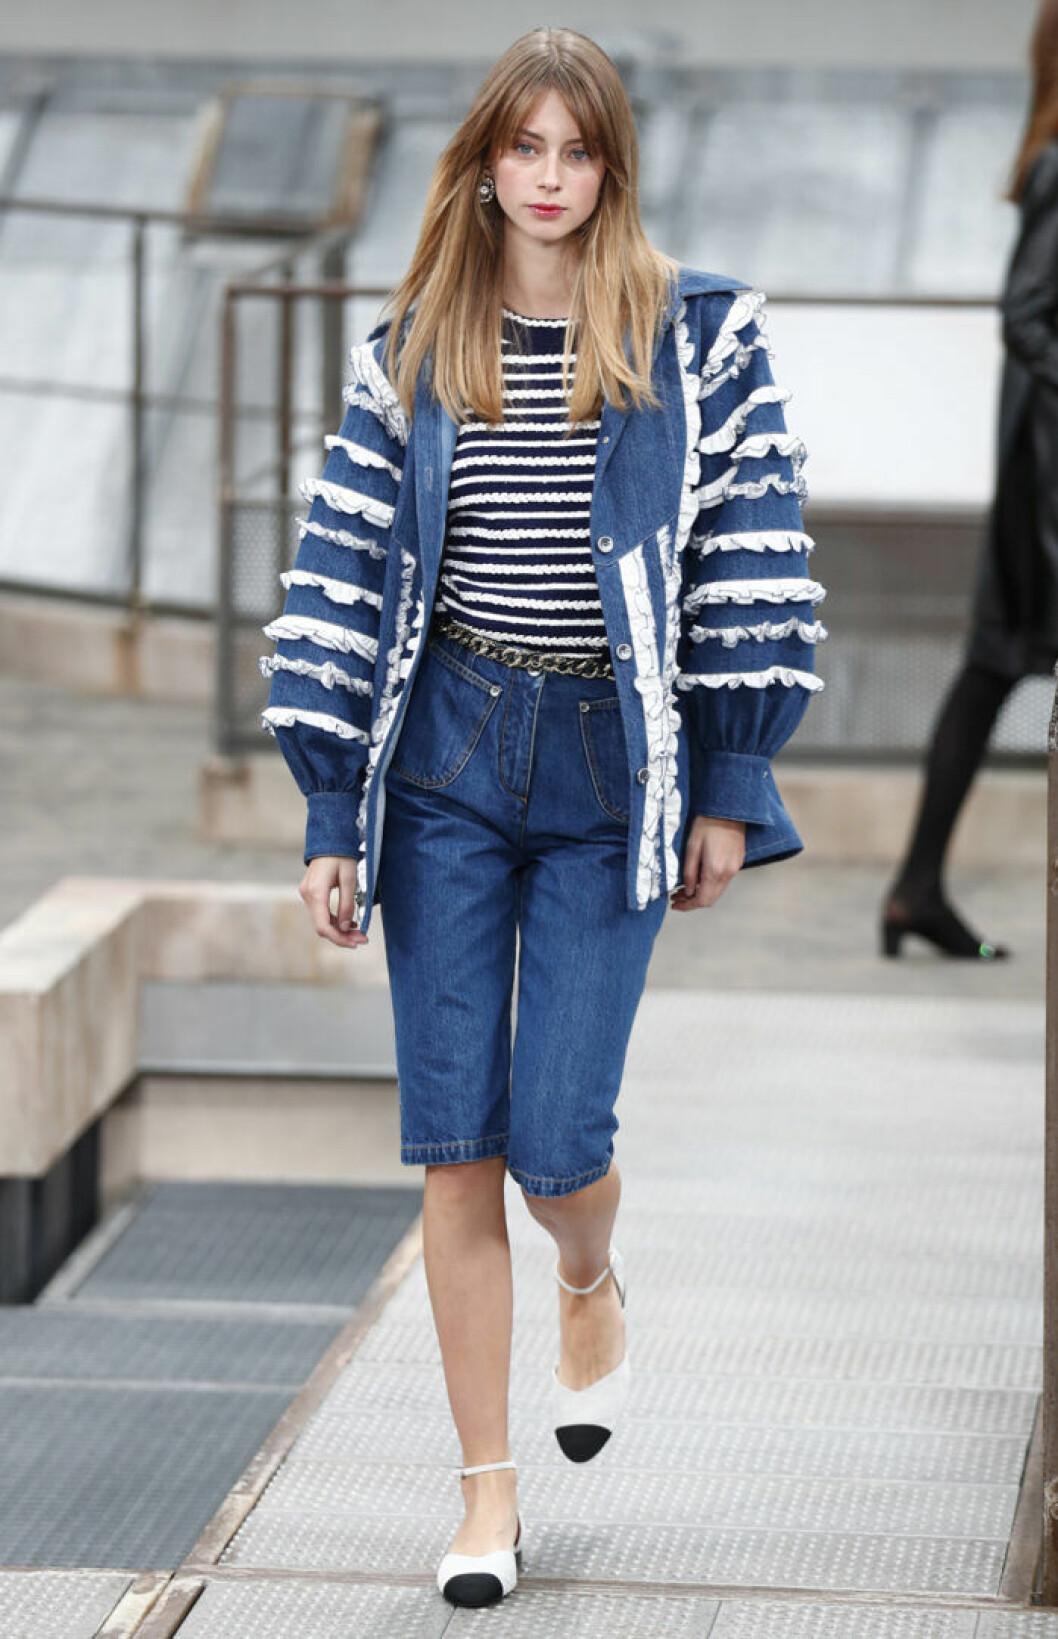 Trender våren 2020 på Chanel cityshorts i denim